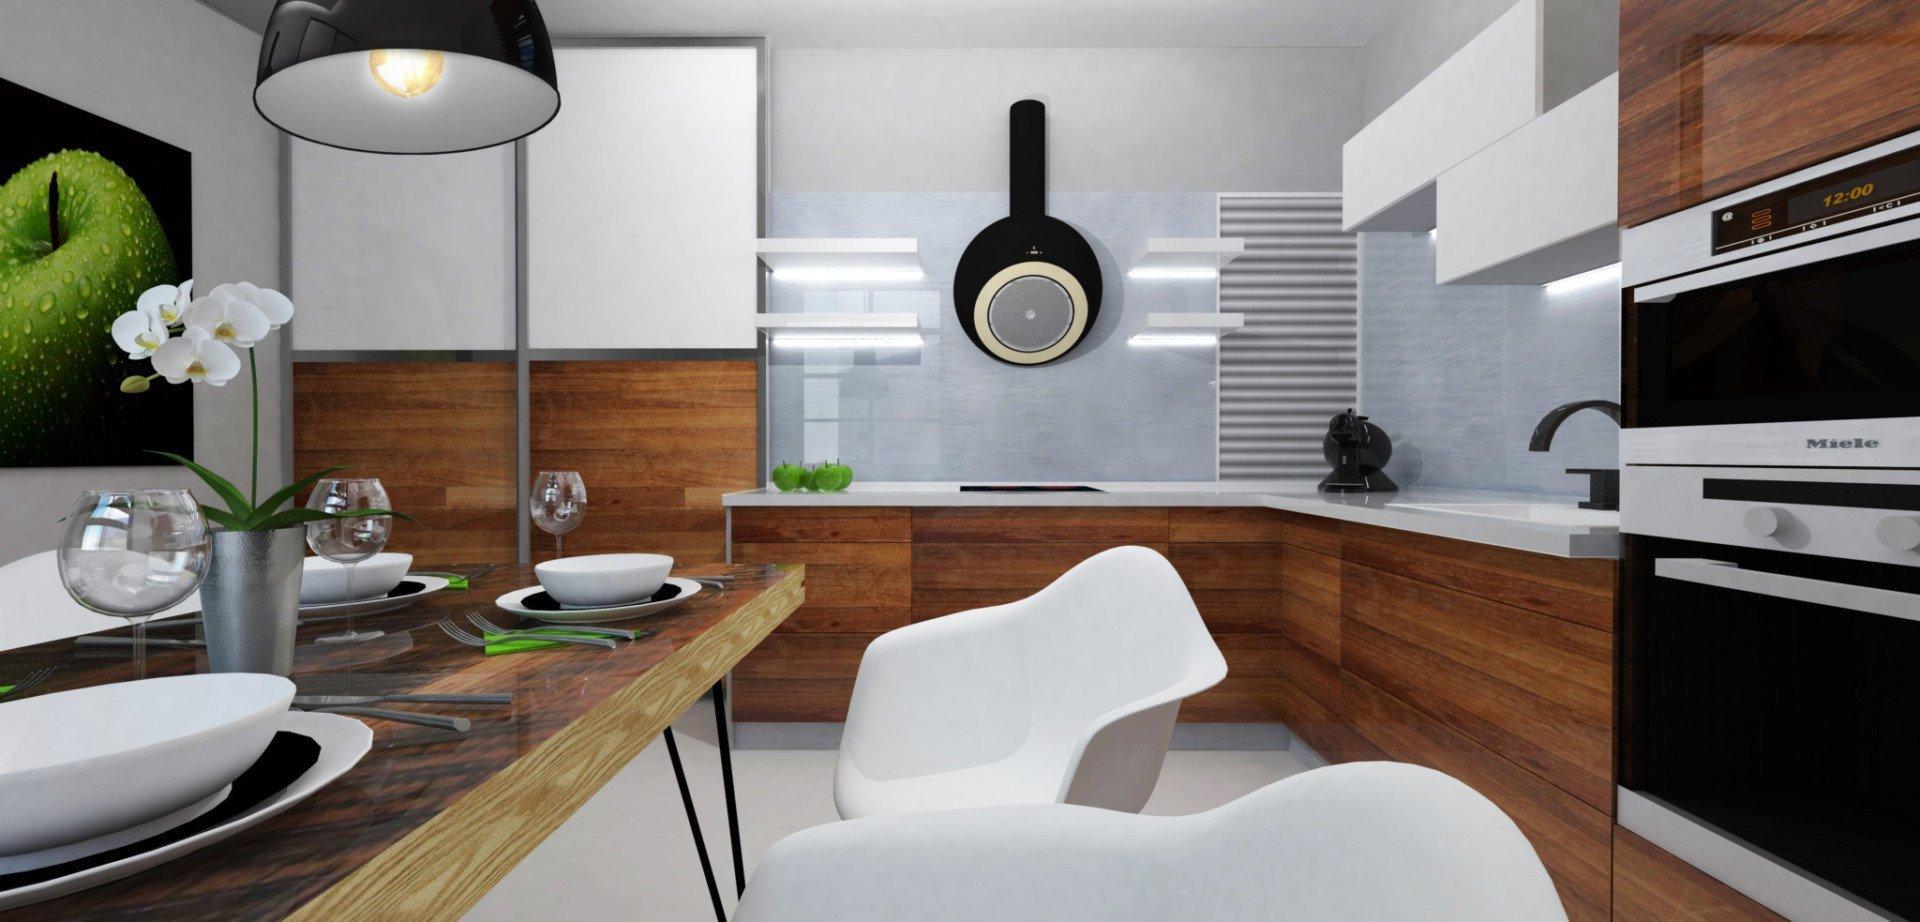 """,,Není kuchyň jako kuchyň.""""  Světlý čistý prostor s dominantními černými prvky, doplněný o teplé dřevěné materiály a oživený přírodní zelení.  ,,Na…"""